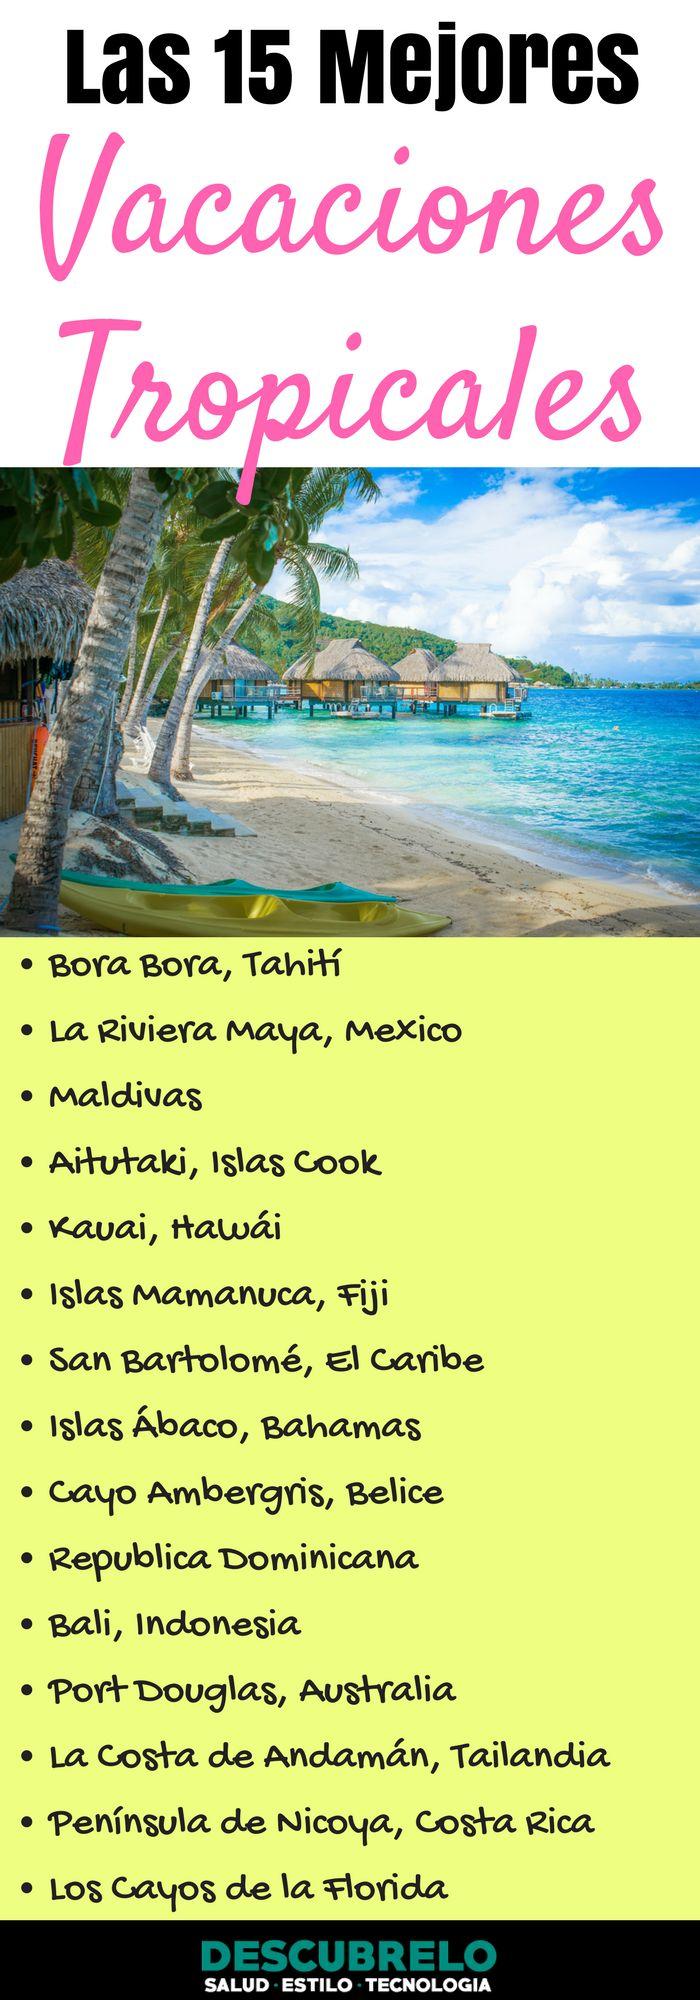 Playas de ensueño, suaves y cálidos mares, exuberantes paisajes, y brillo del sol sin fin: Estos son los principales ingredientes para unas ideales vacaciones tropicales.